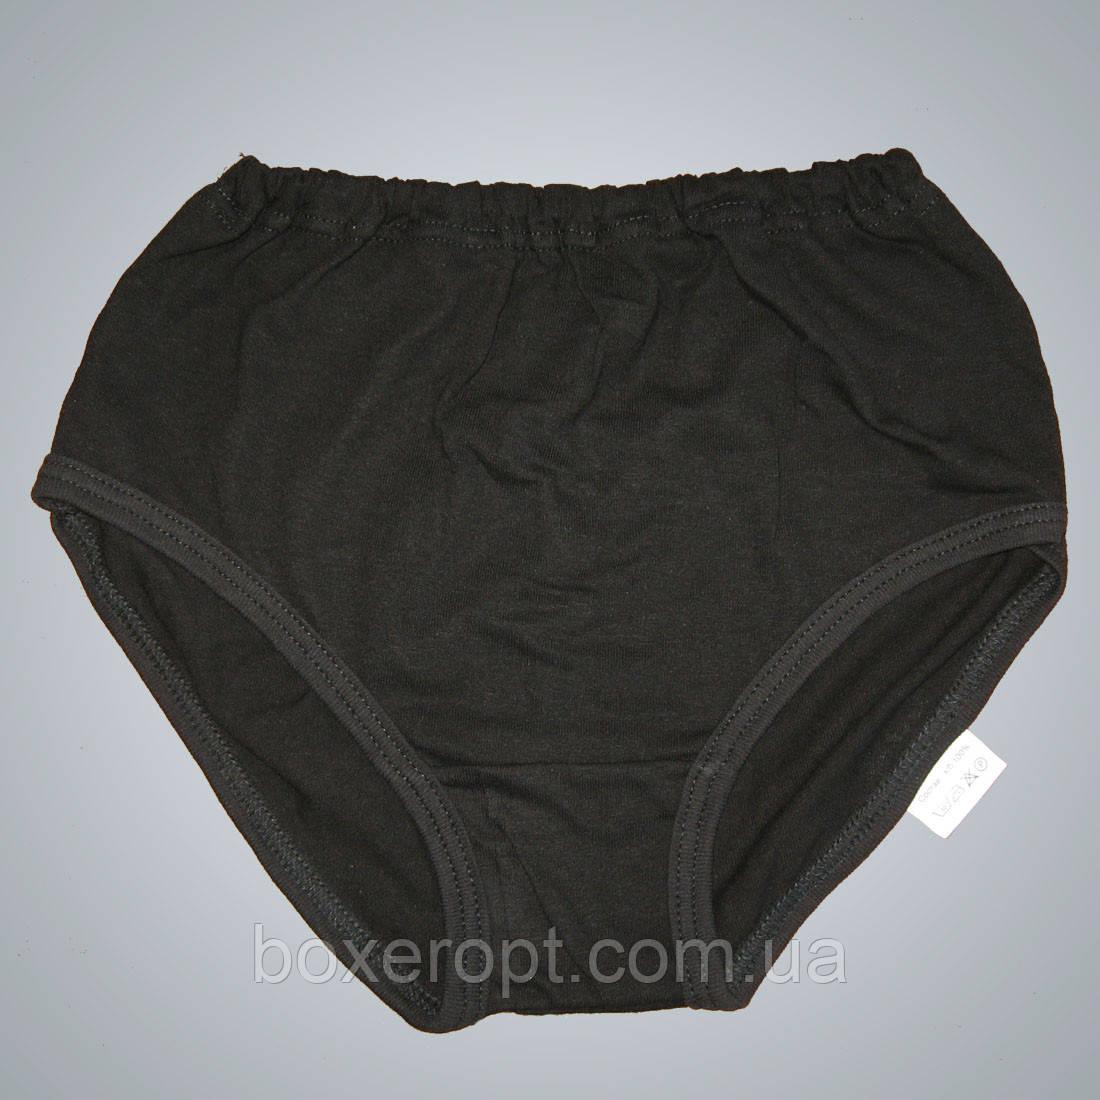 Плавки женские трикотажные (чёрные)